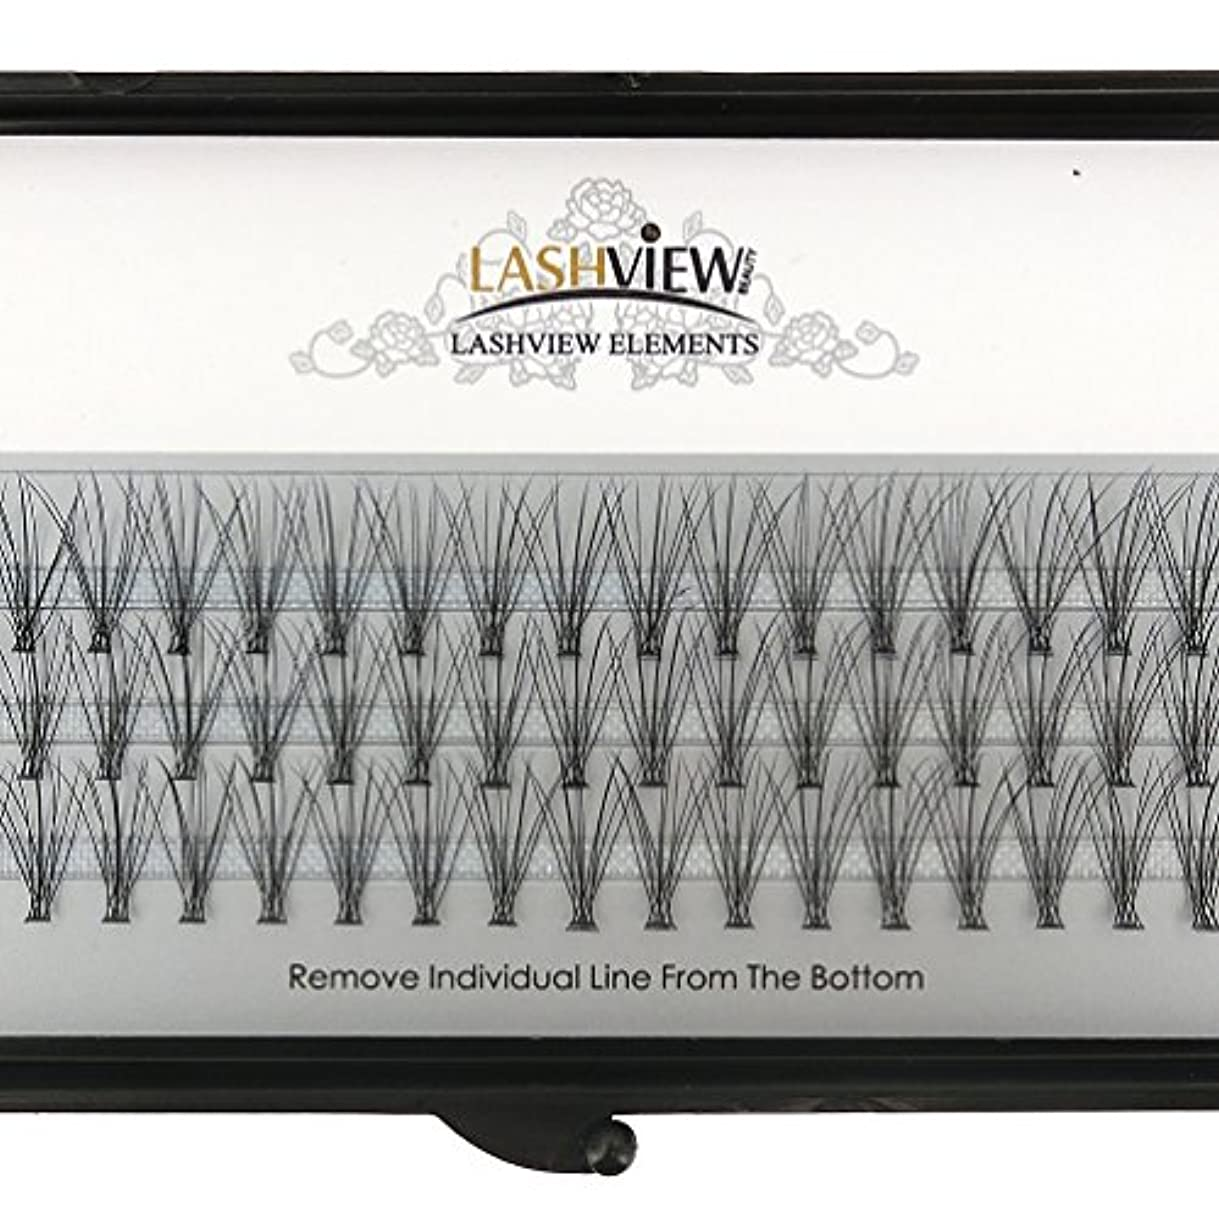 実験的ボルト荒涼としたLASHVIEW 高品質まつげエクステフレア セルフ用 超極細素材 太さ0.07mm 12mm Cカール マツエク10本束